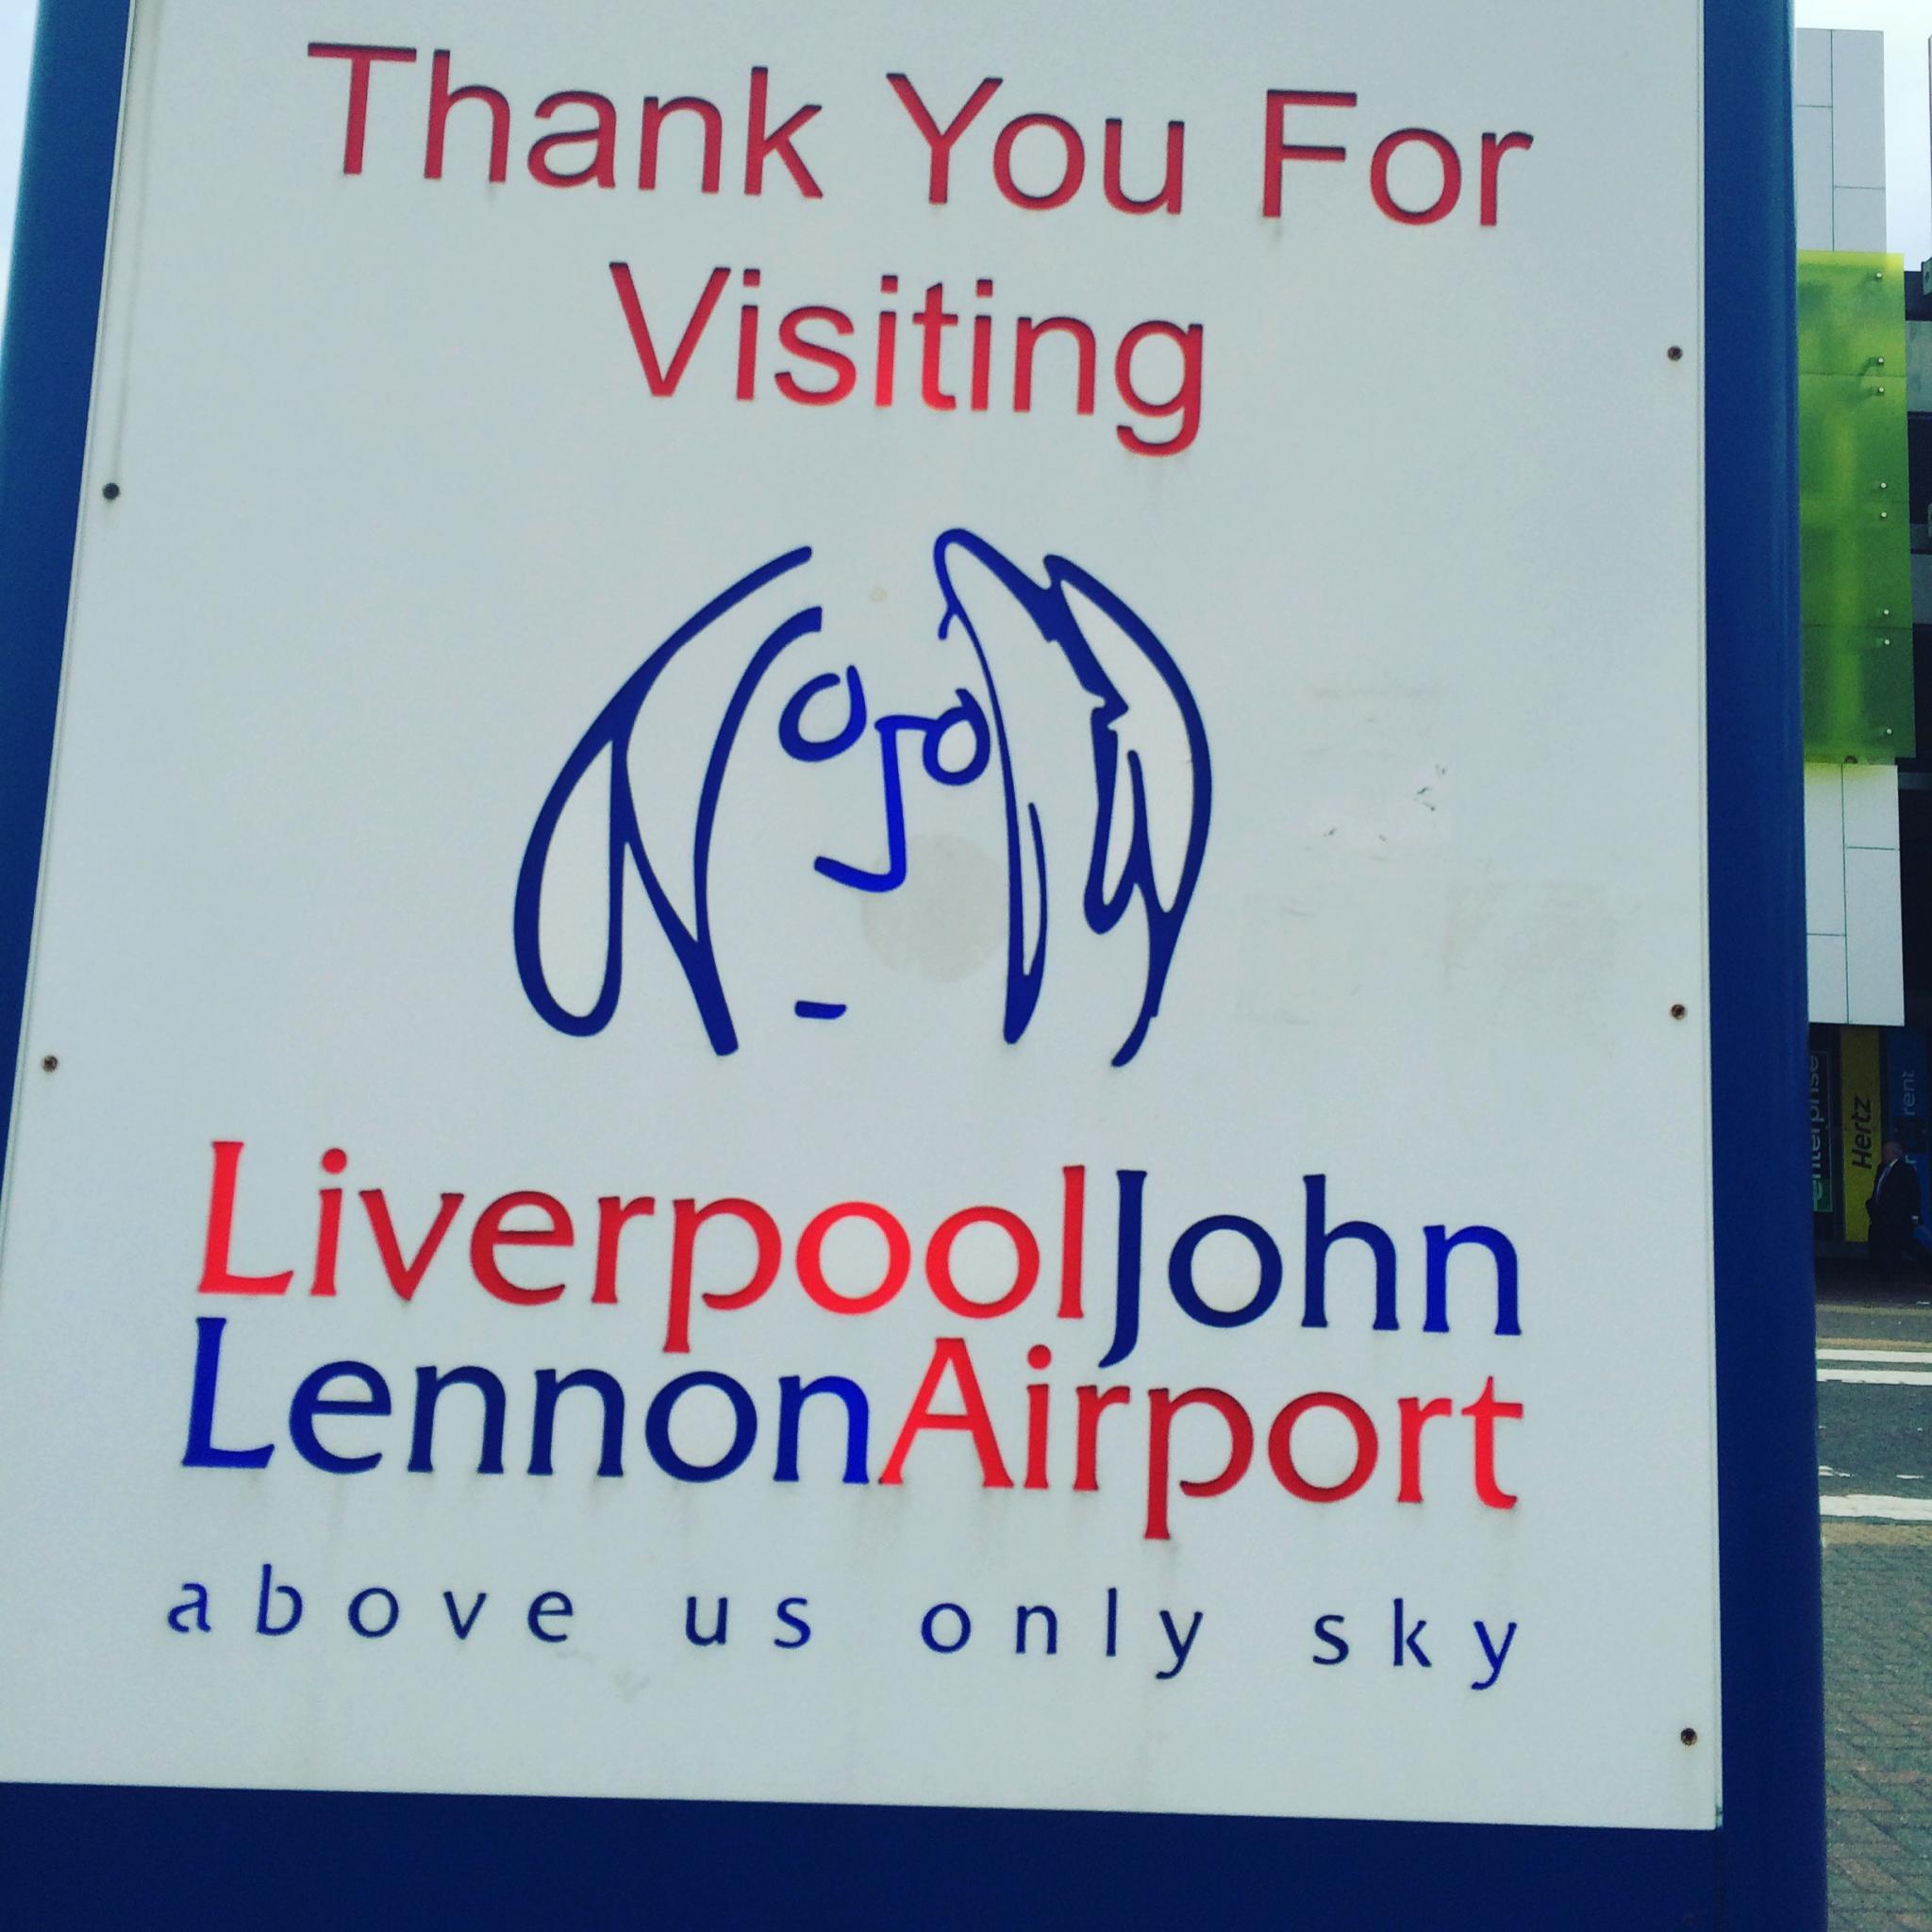 JohnLennonAirport